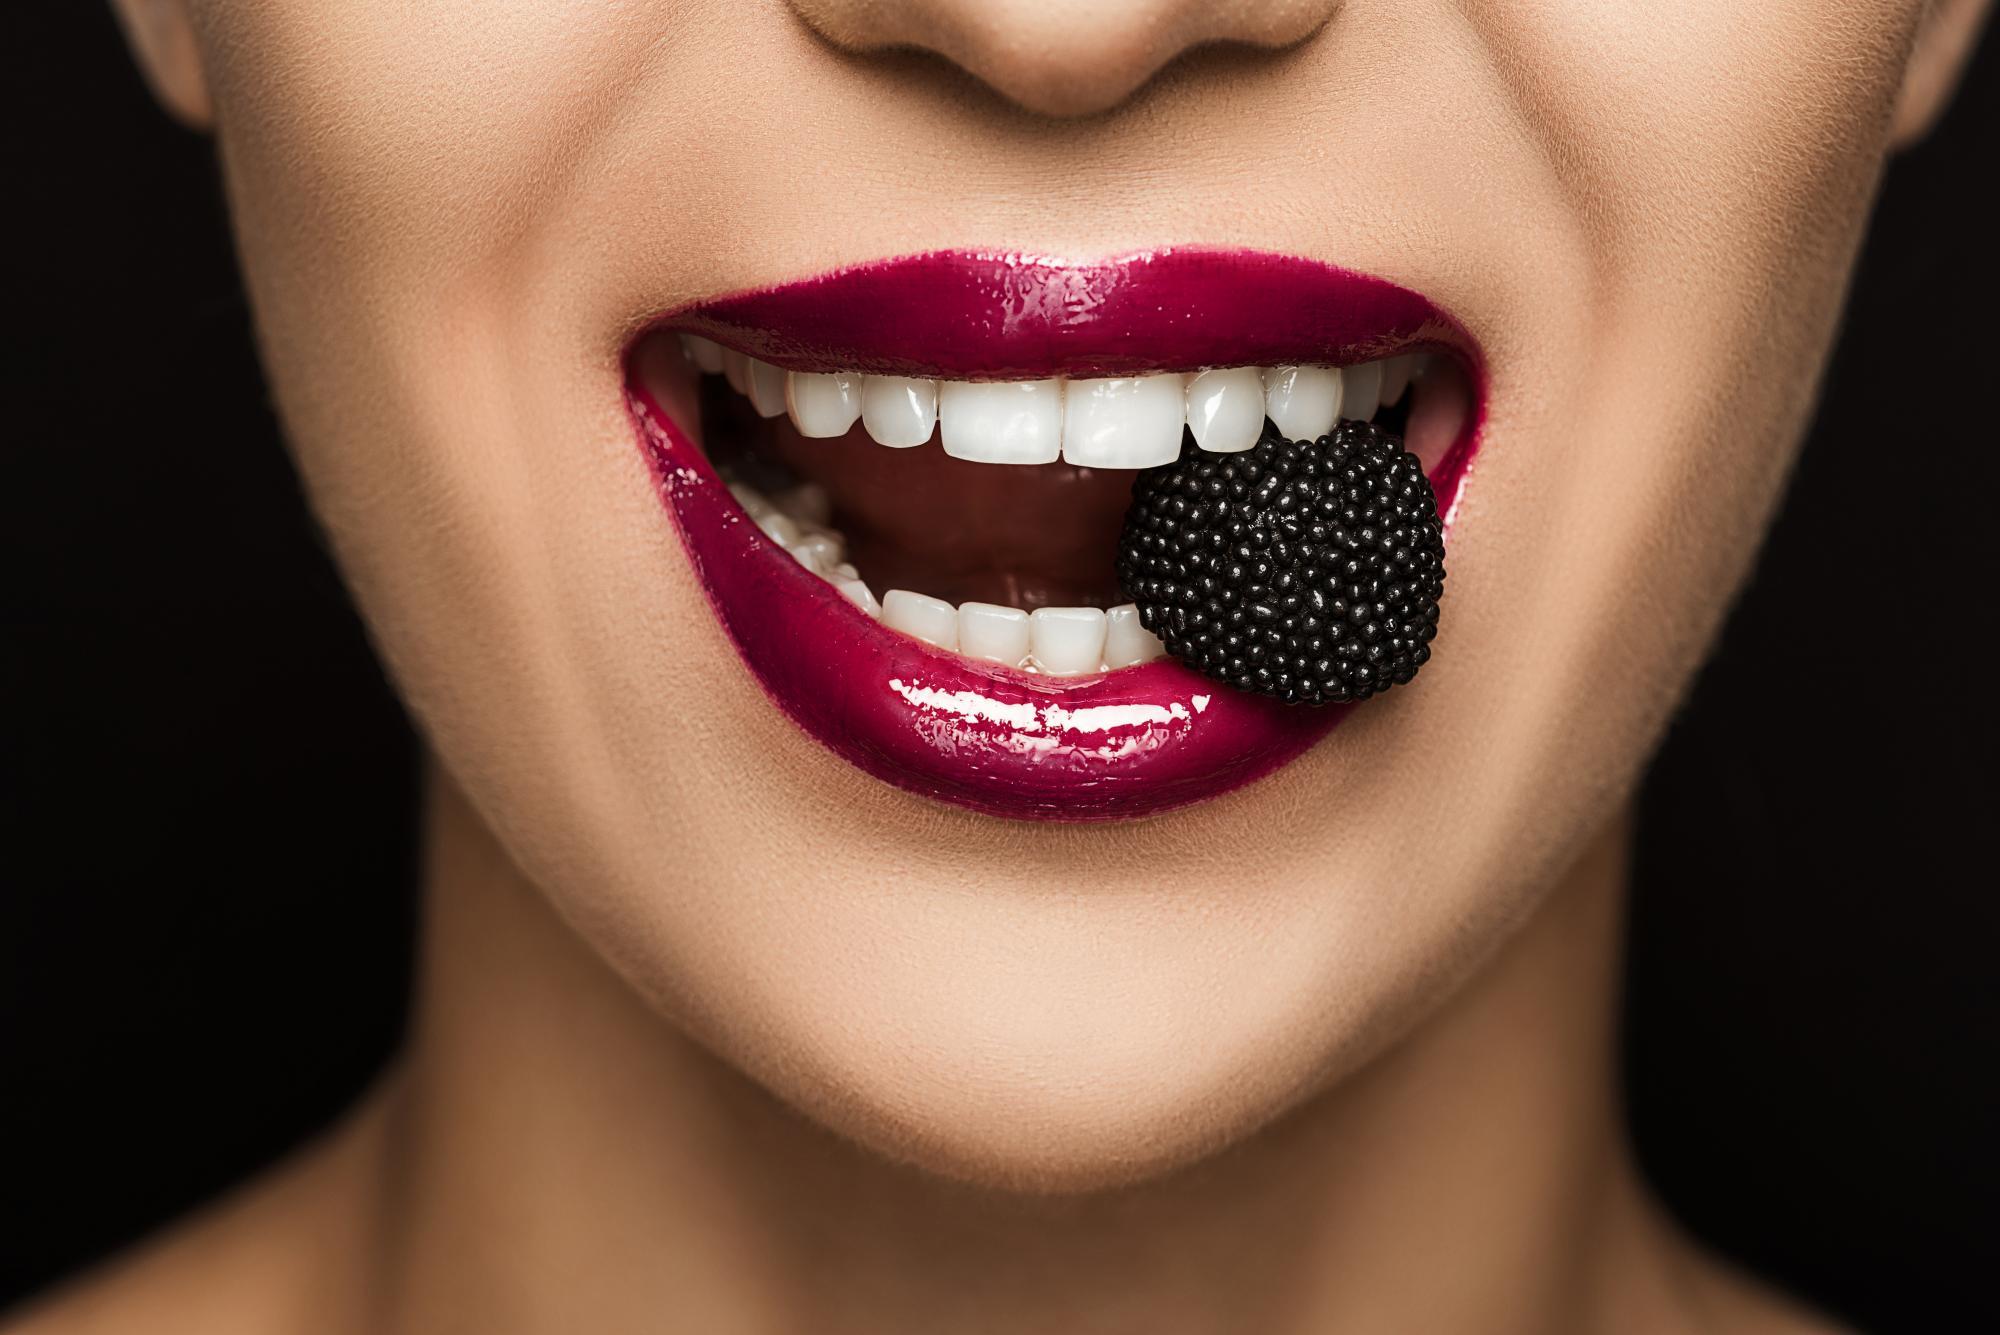 Статья: Продукты, которые портят зубы